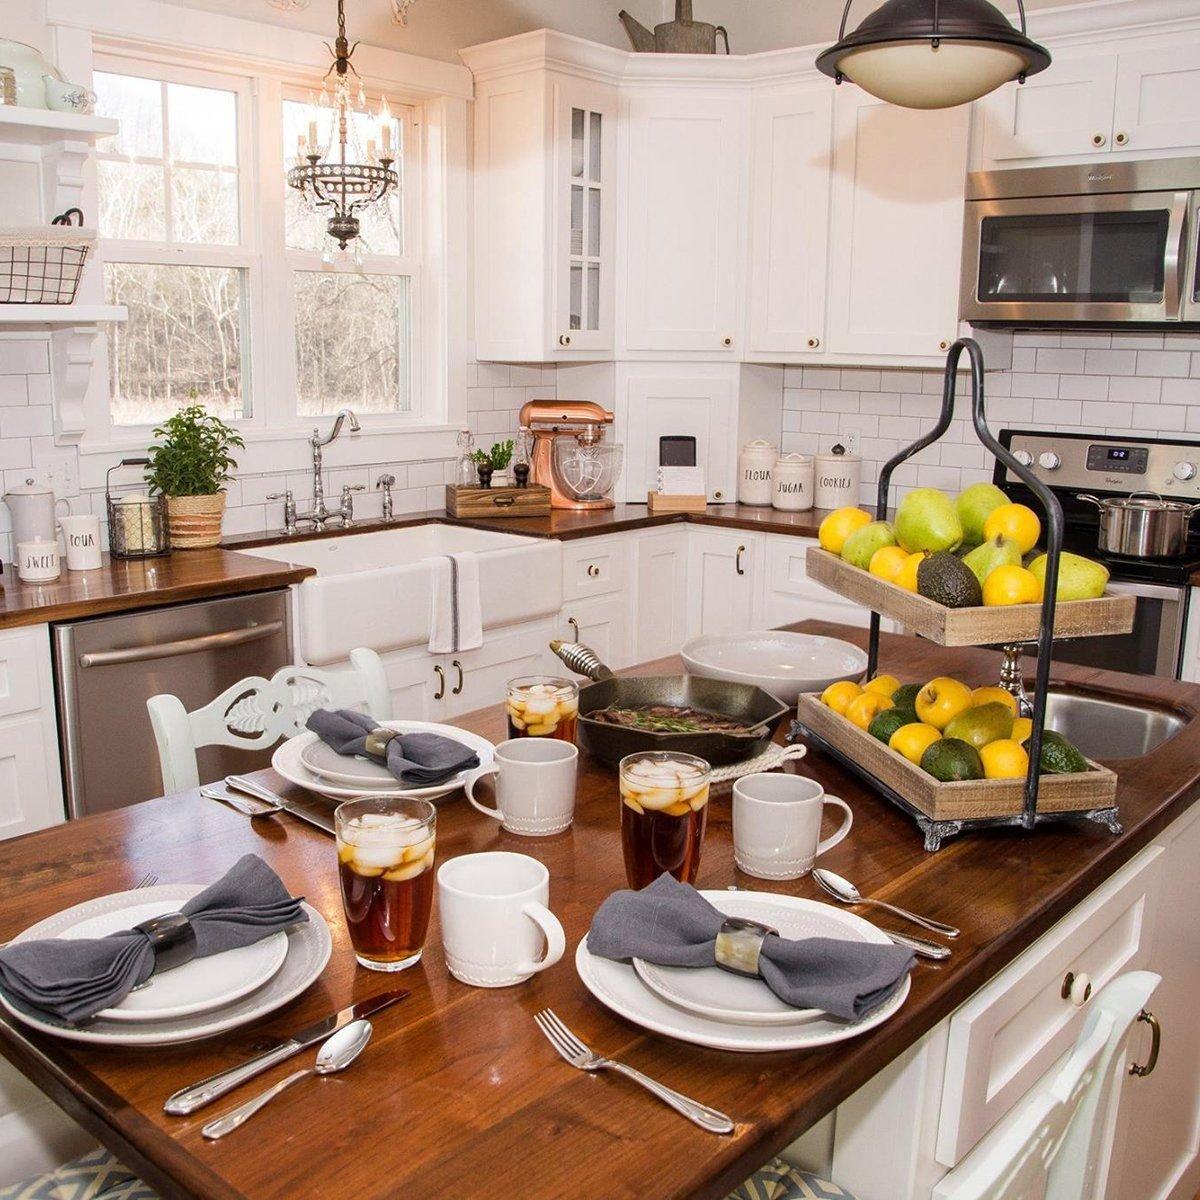 Everything Kitchens farmhouse style decor